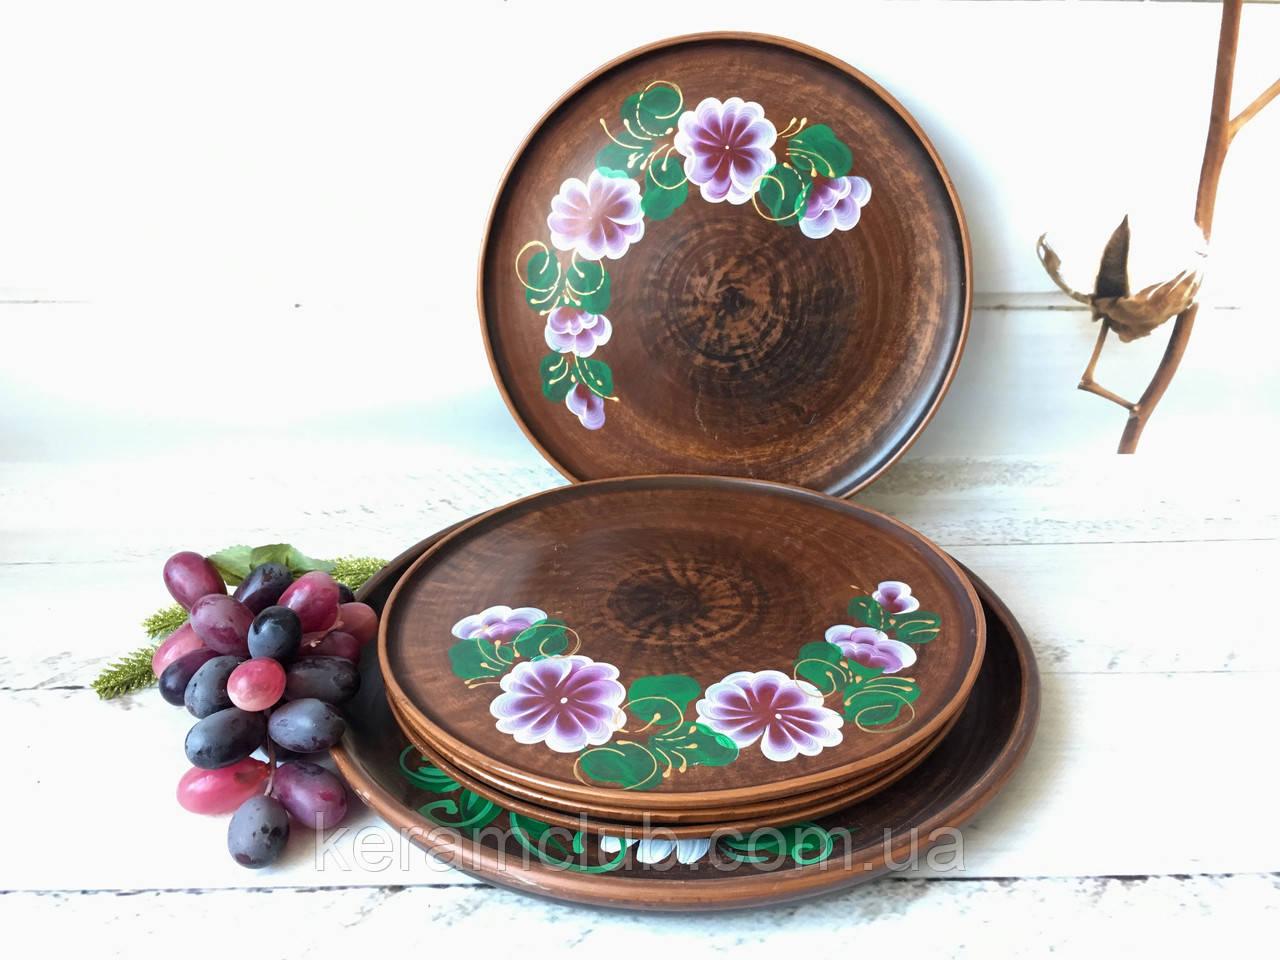 Рисованный набор блюдо 30 см + 4 тарелки 25 см